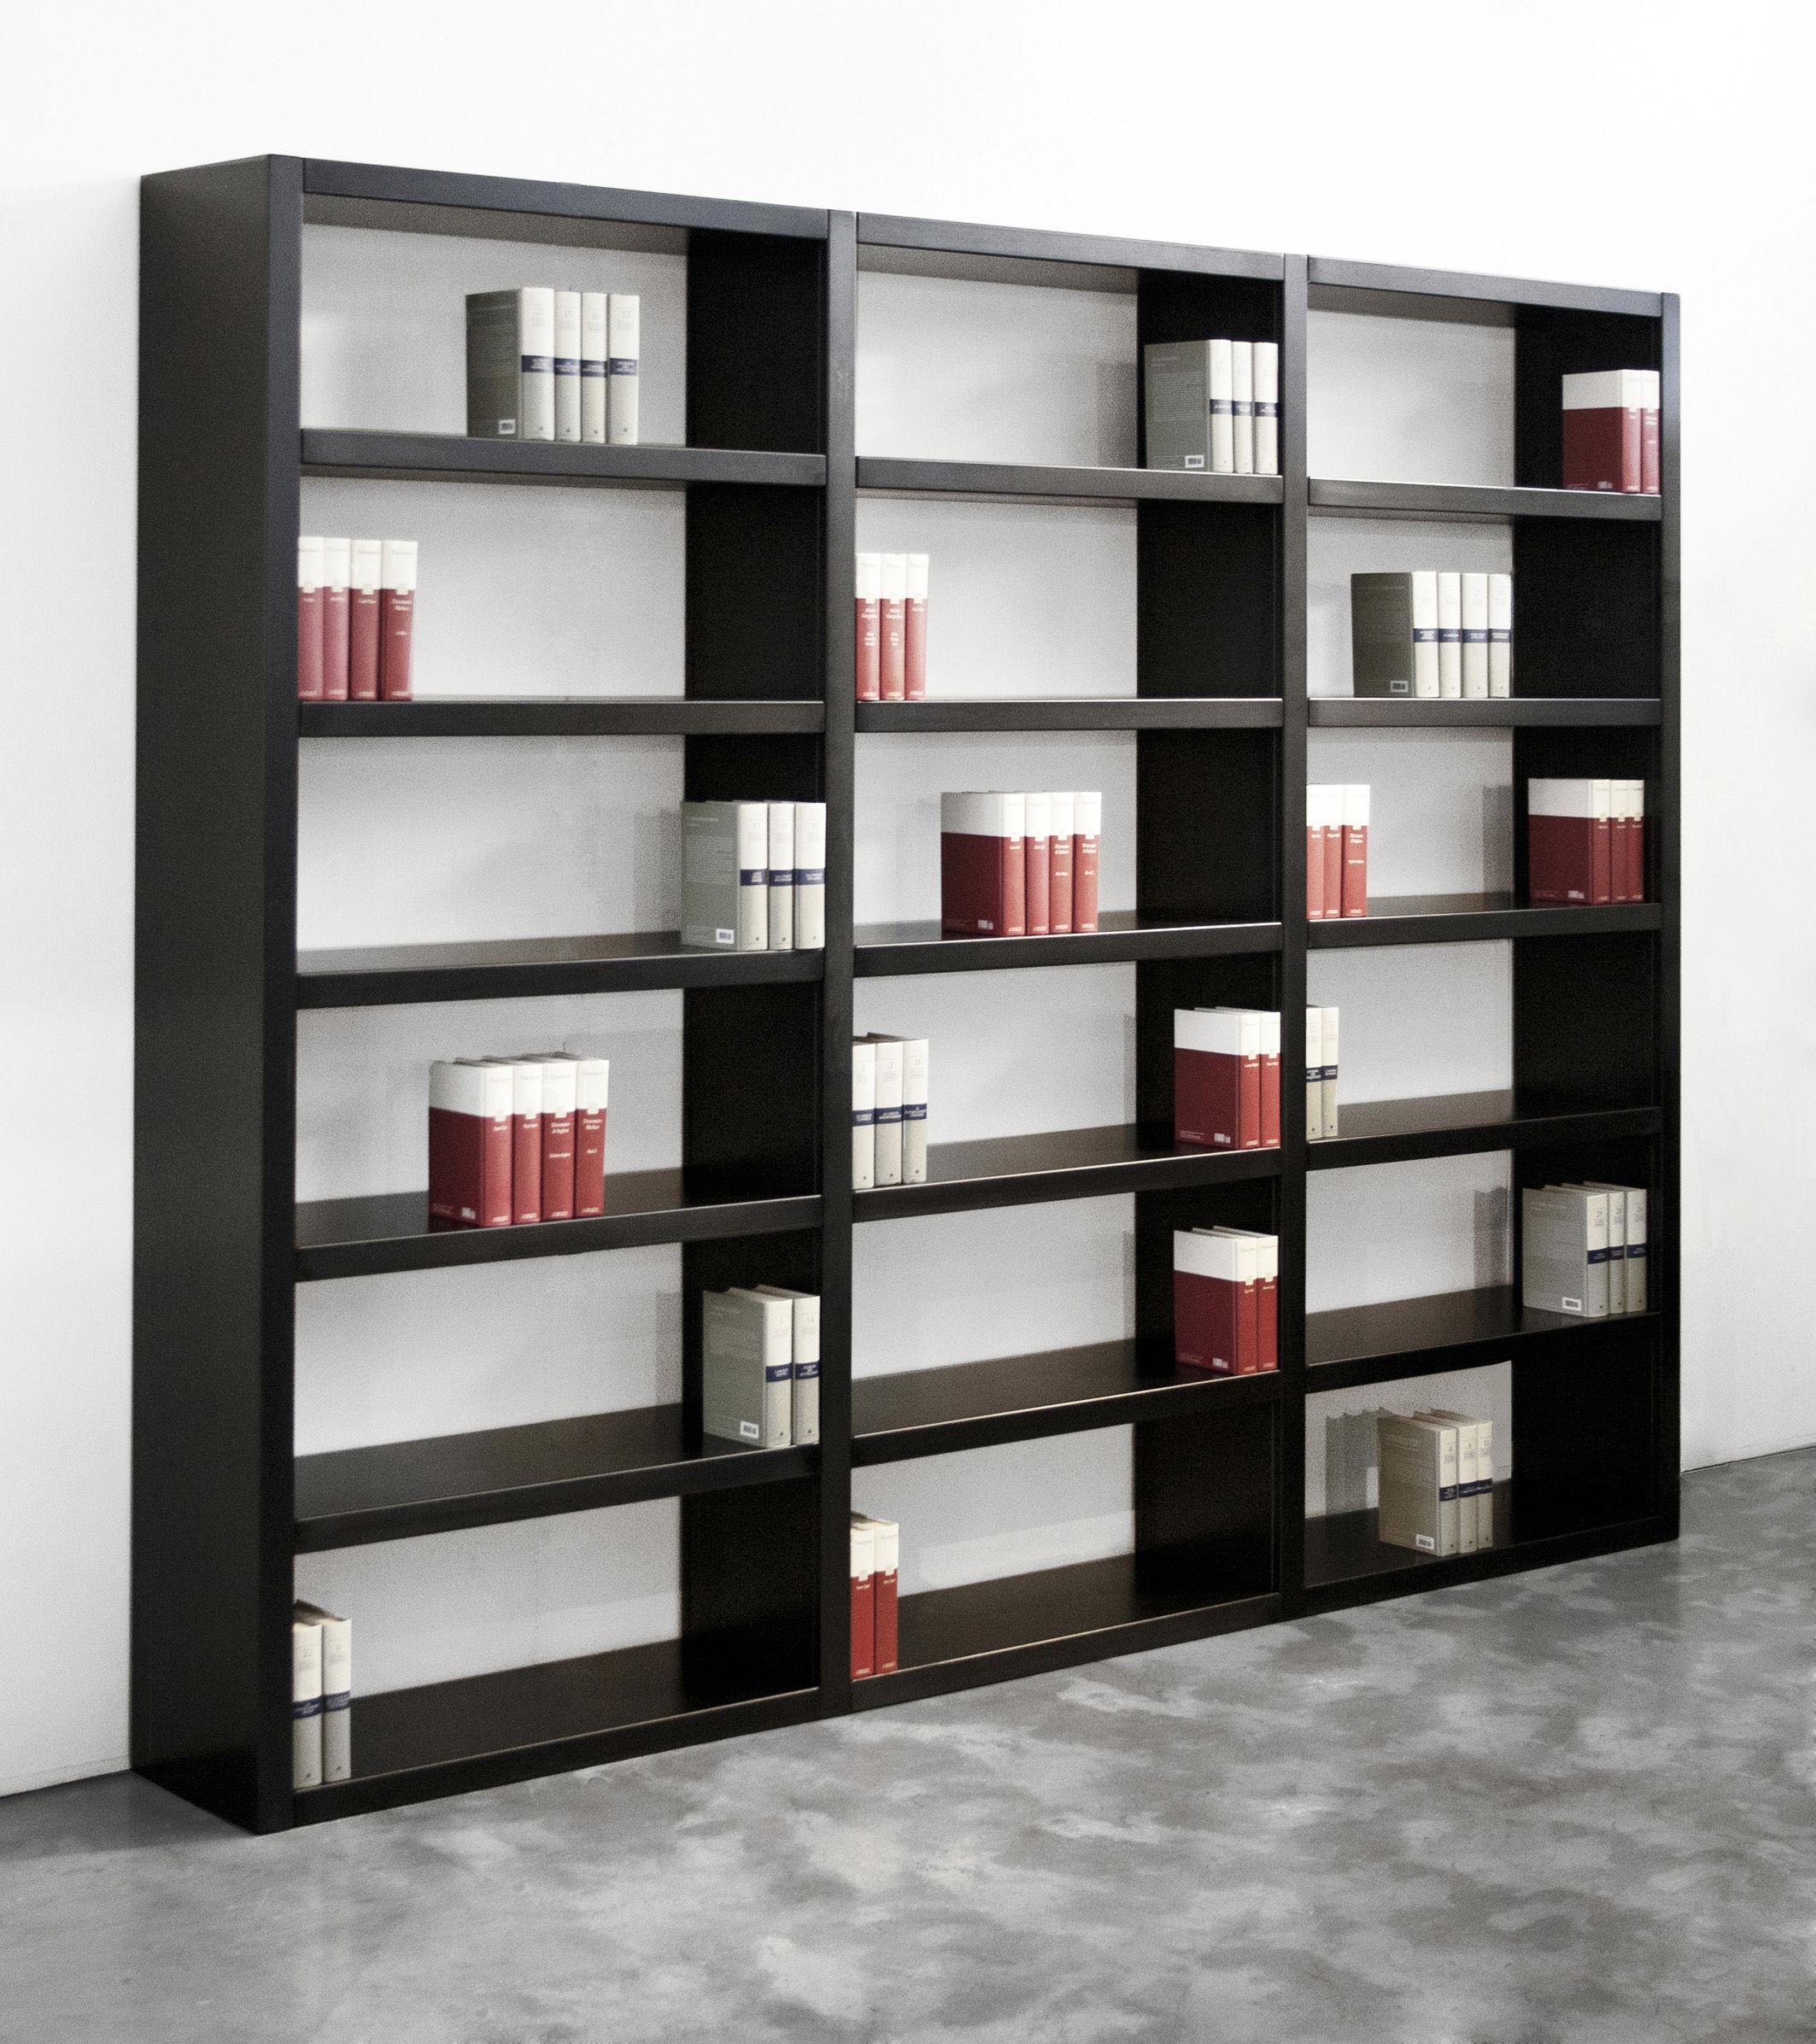 Big Irony Bookcase Shelf position 1 W 100 x H 230